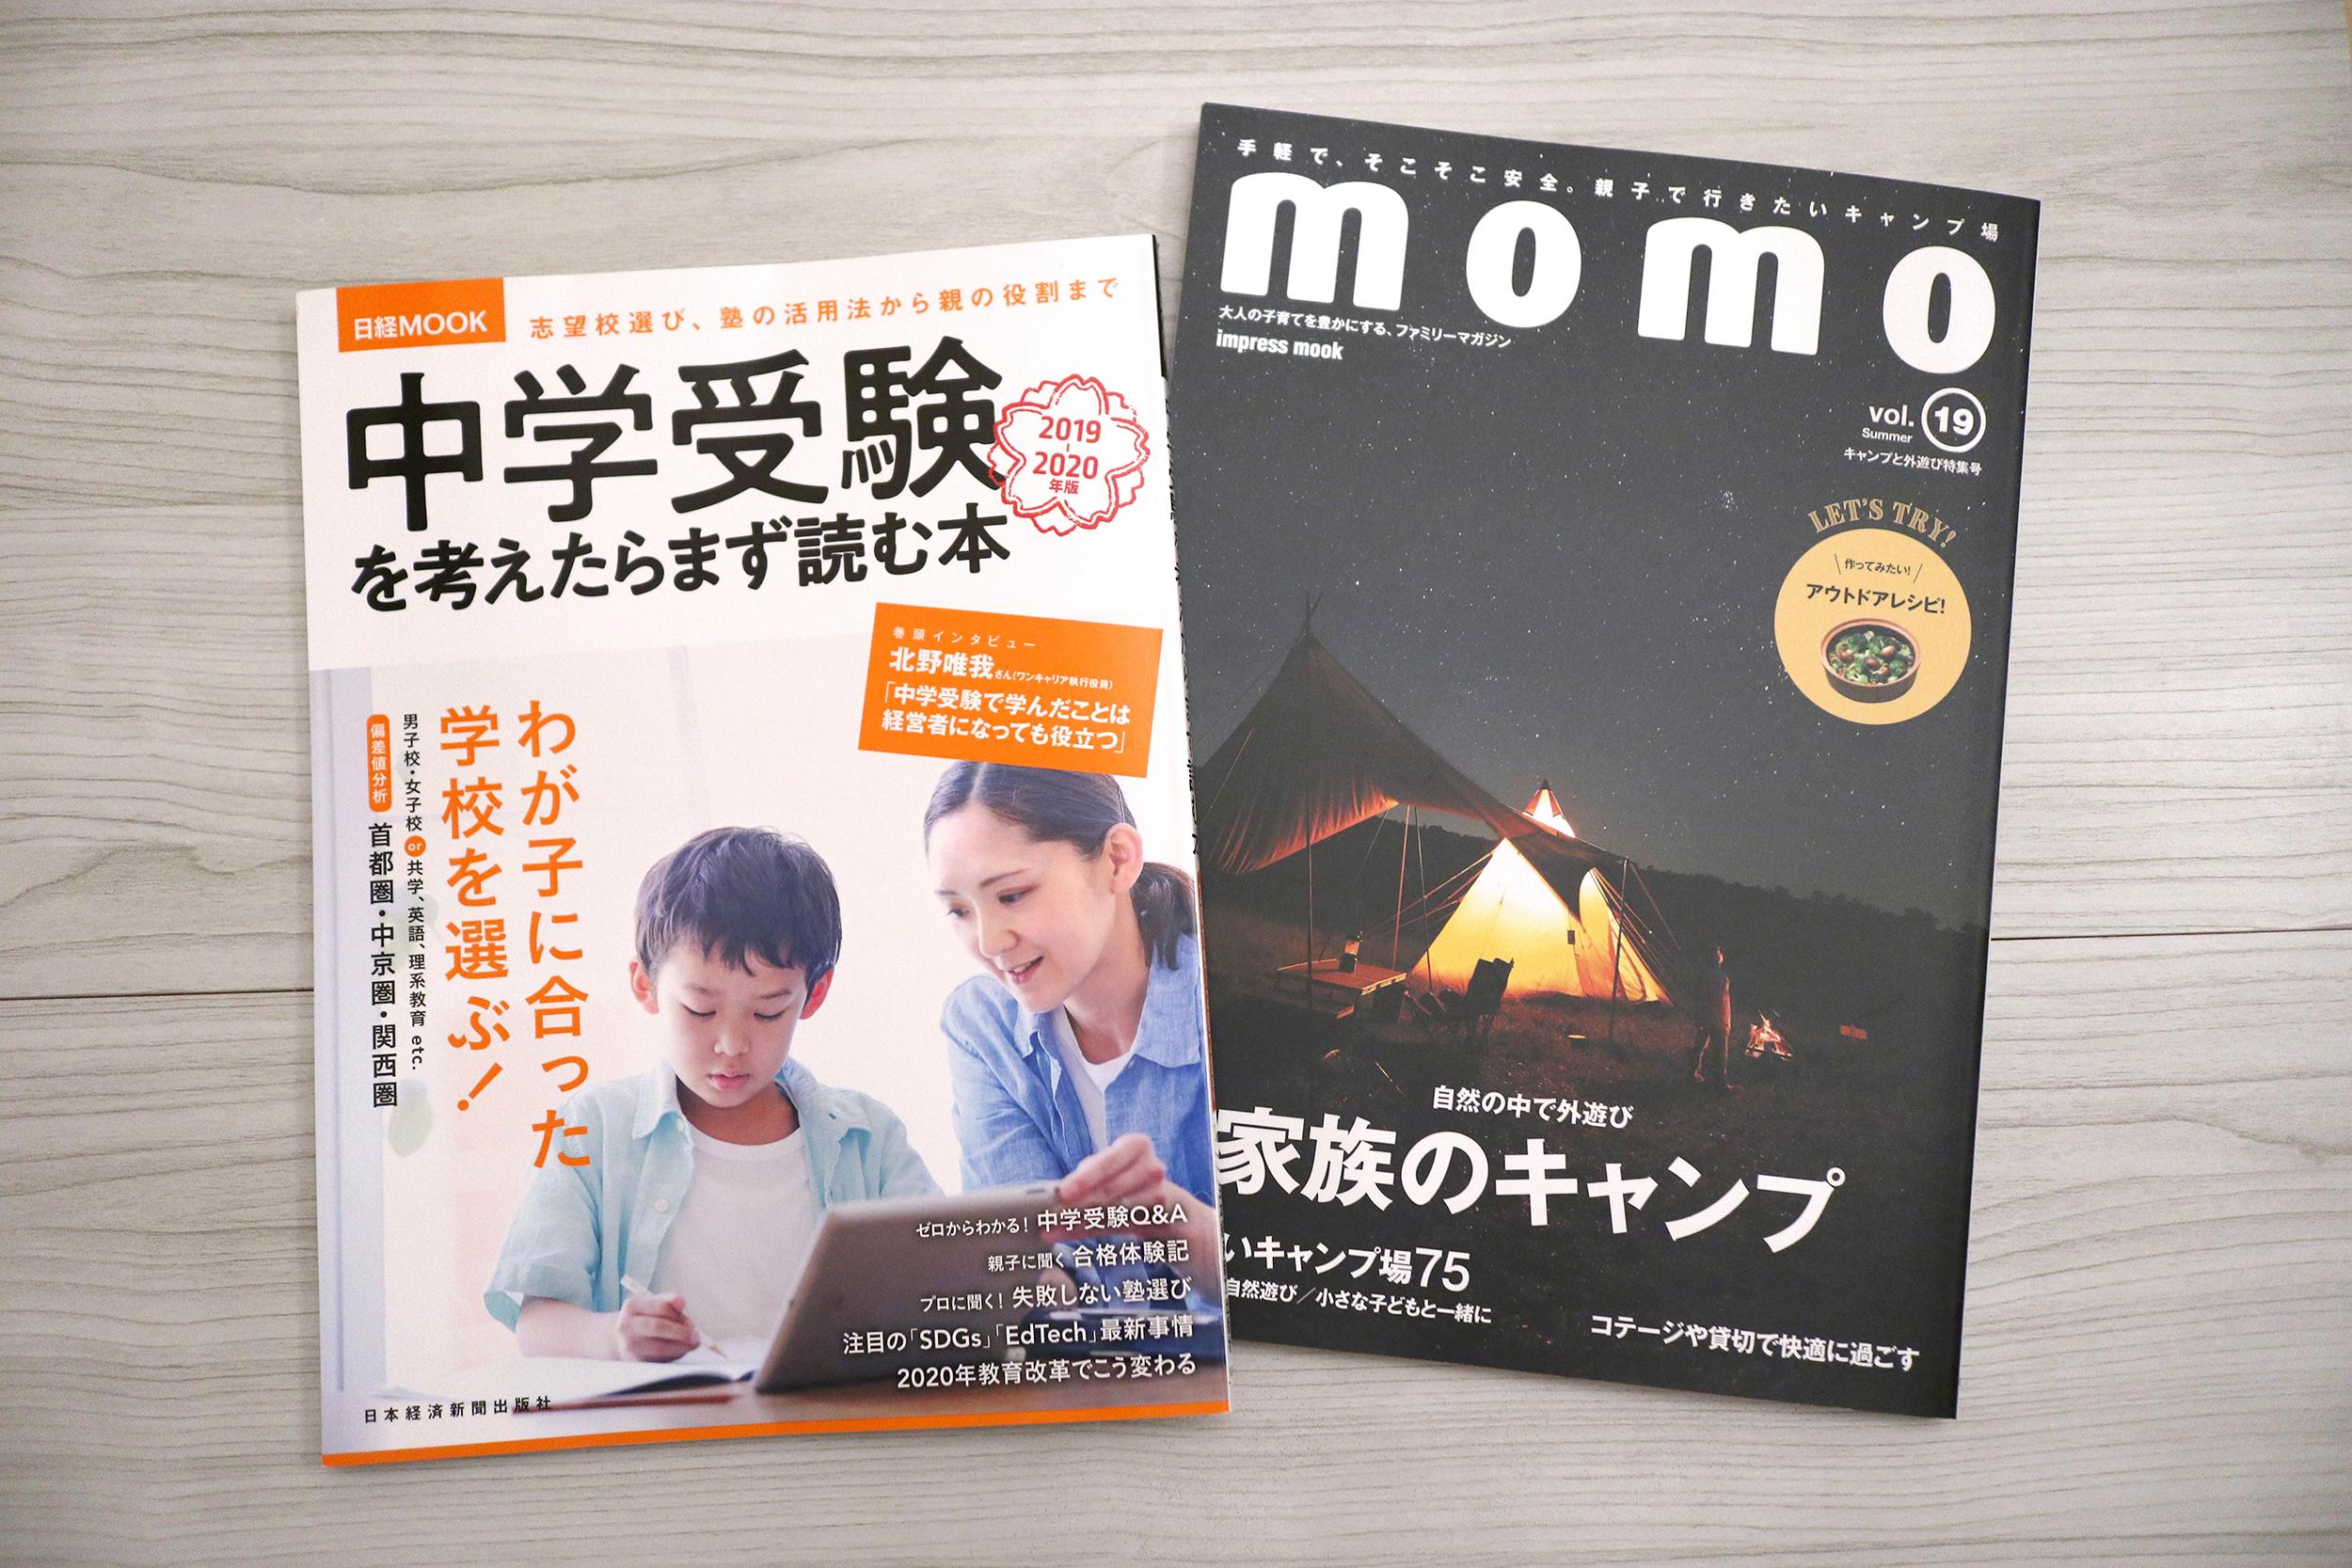 中学受験を考えたらまず読む本2019-2020年版 (日経新聞社出版)      momo Vol.19 キャンプと外遊び特集号(マイルスタッフ)